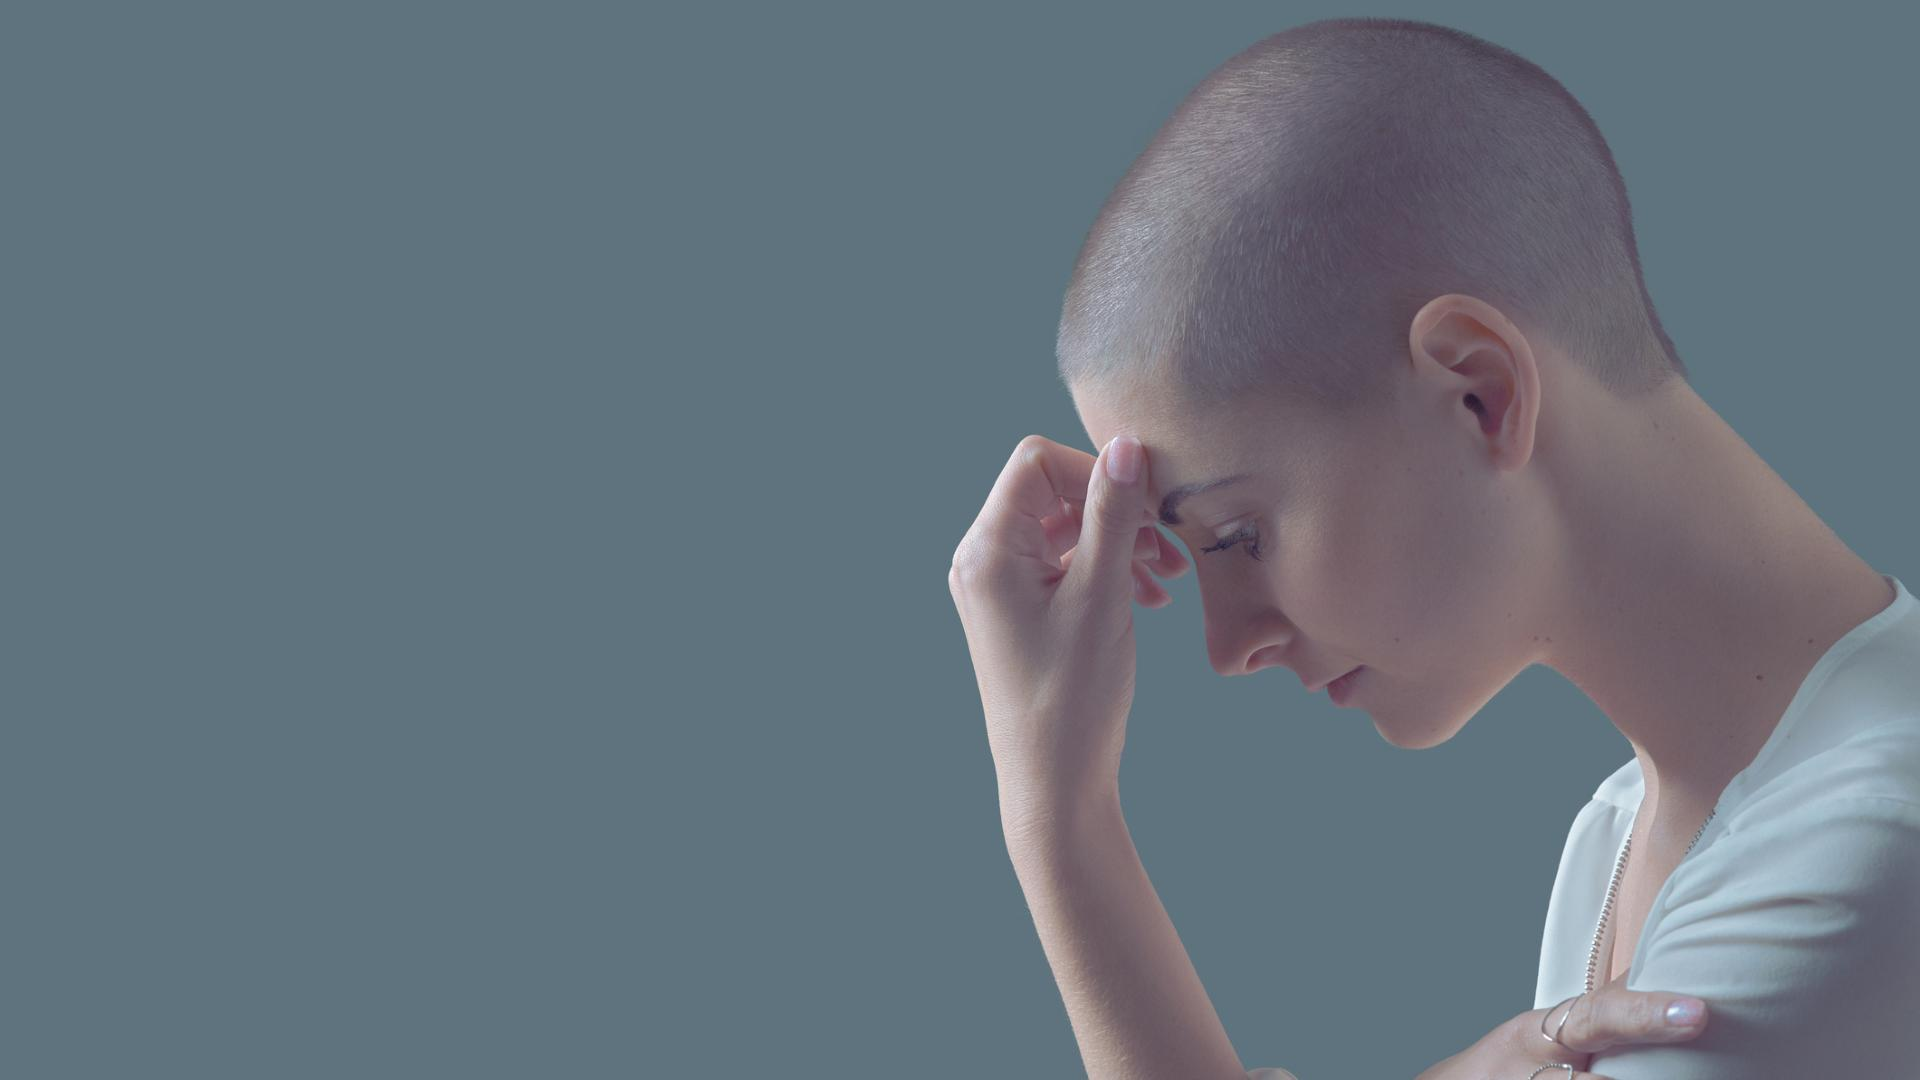 Как вывести онкопациента из депрессии и научить жить